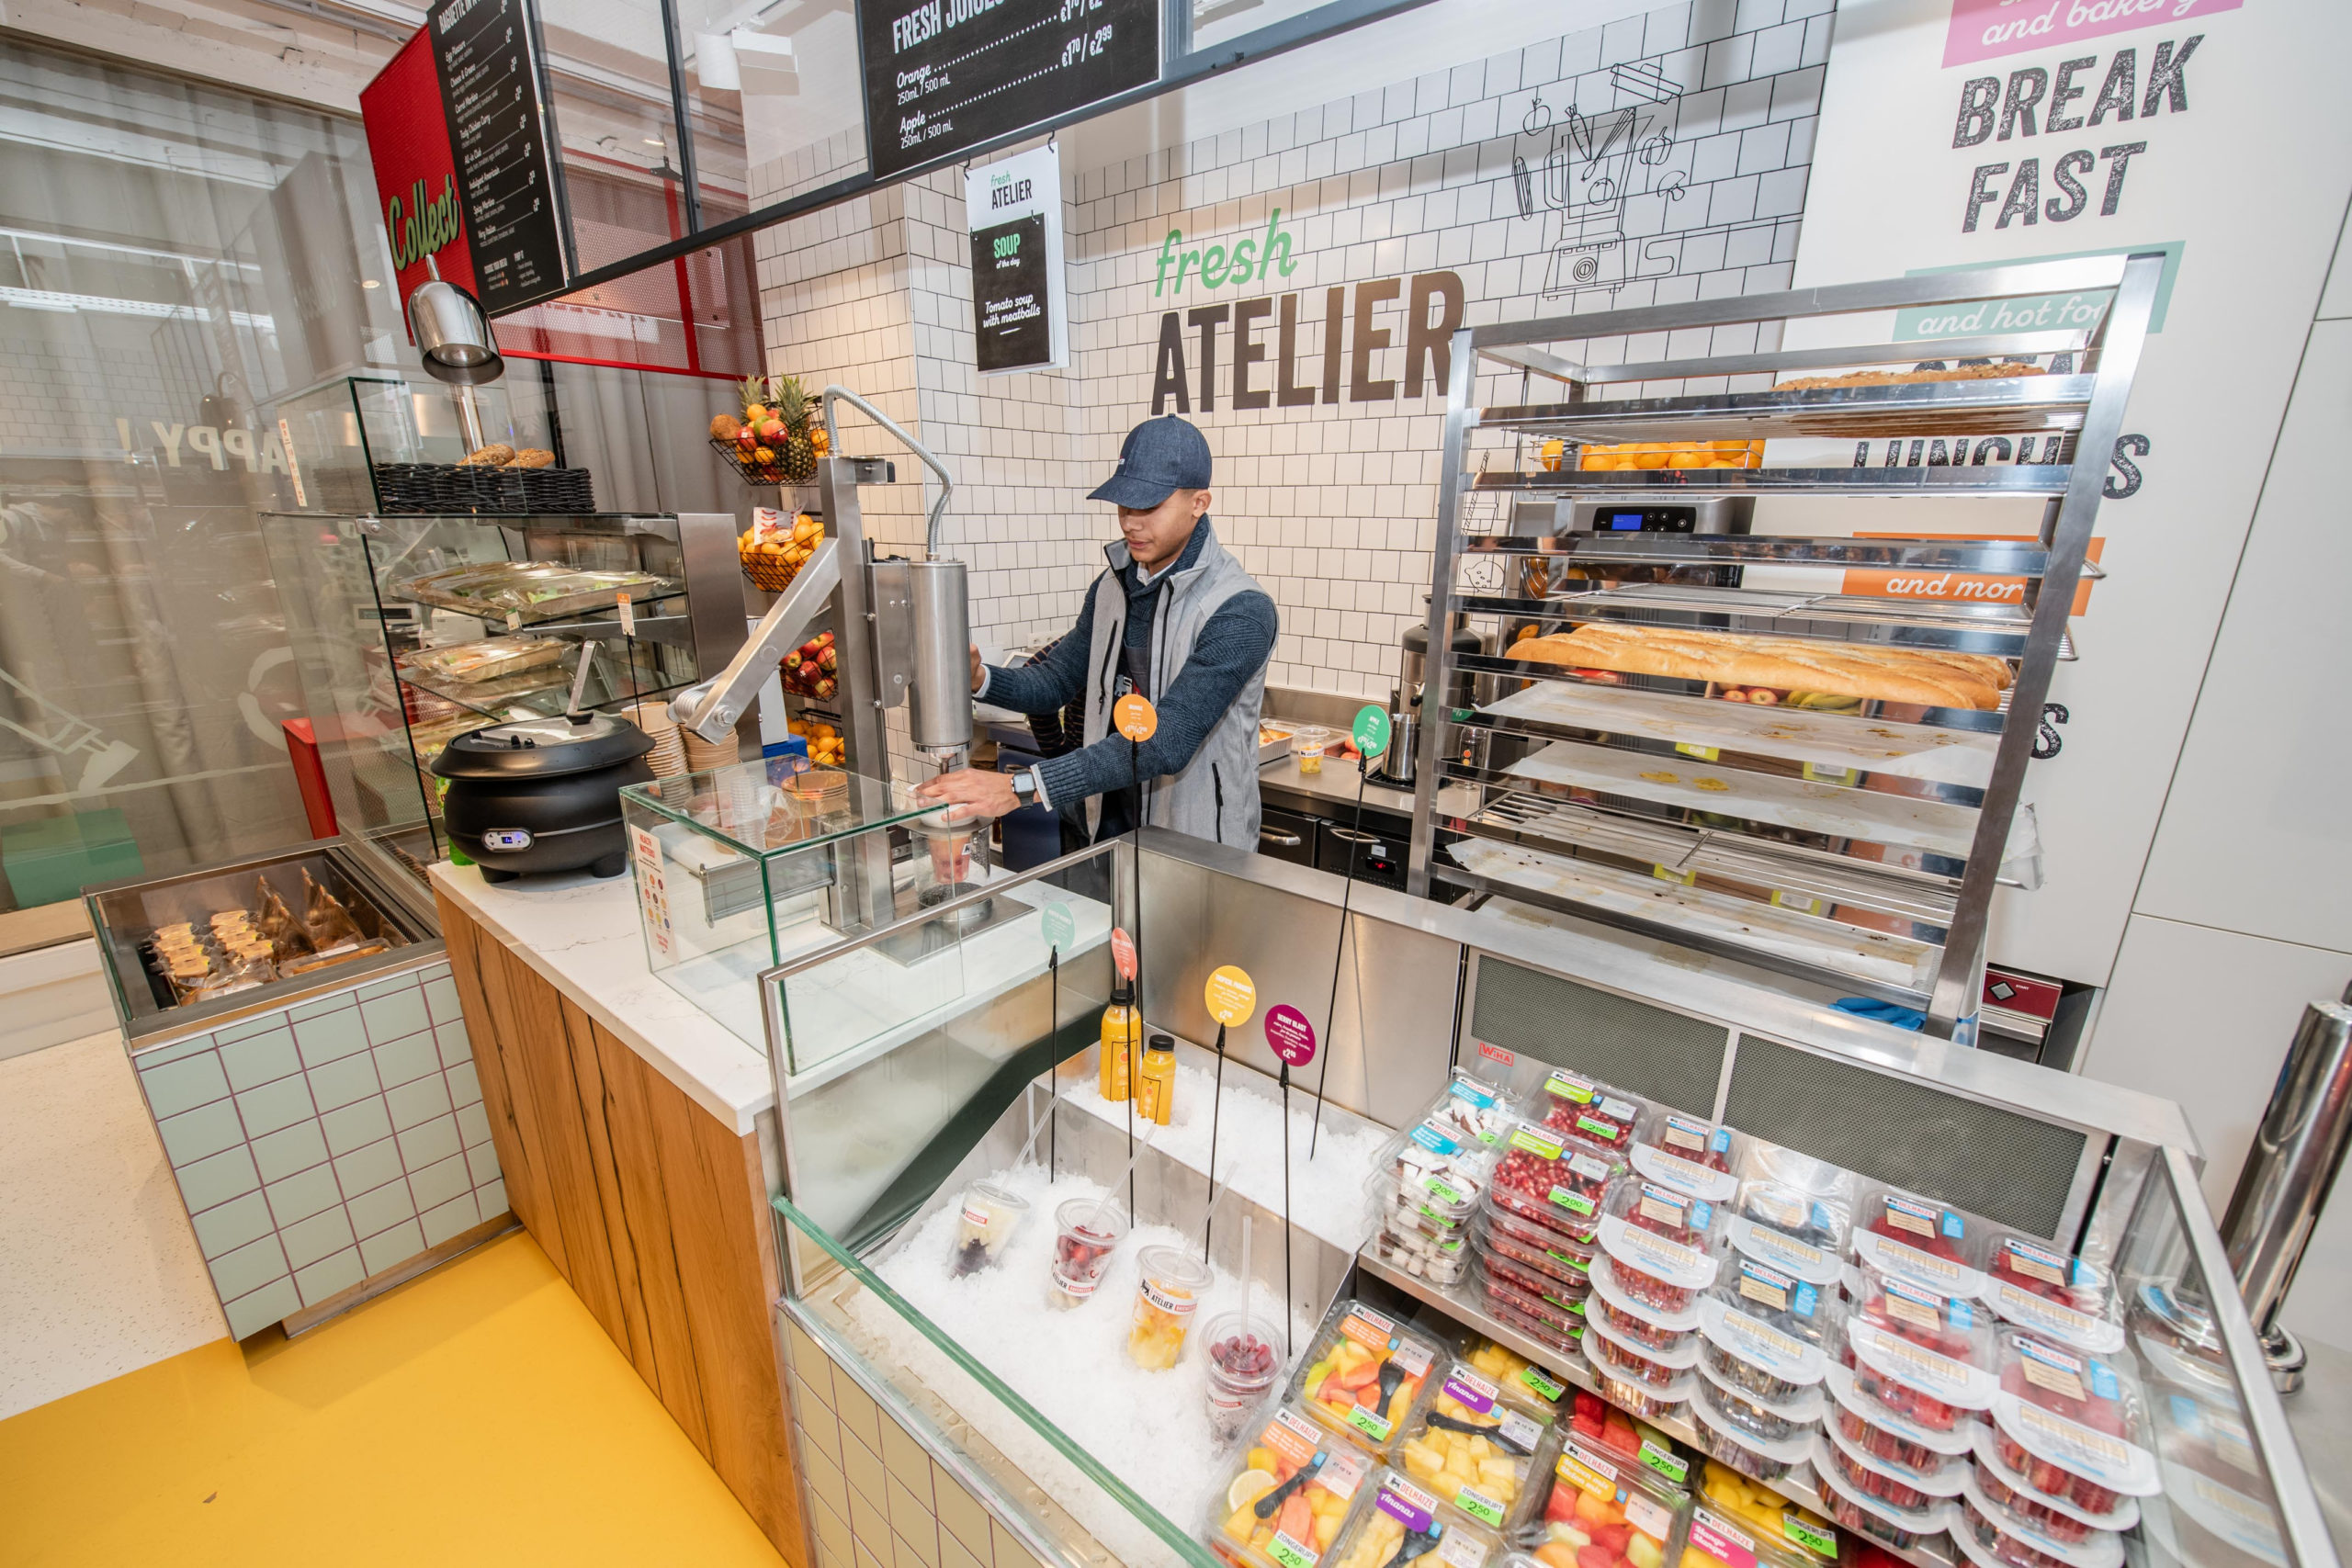 La chaîne de supermarchés Delhaize teste un projet dans le cadre duquel elle livre des aliments sains à domicile via Takeway et Deliveroo.